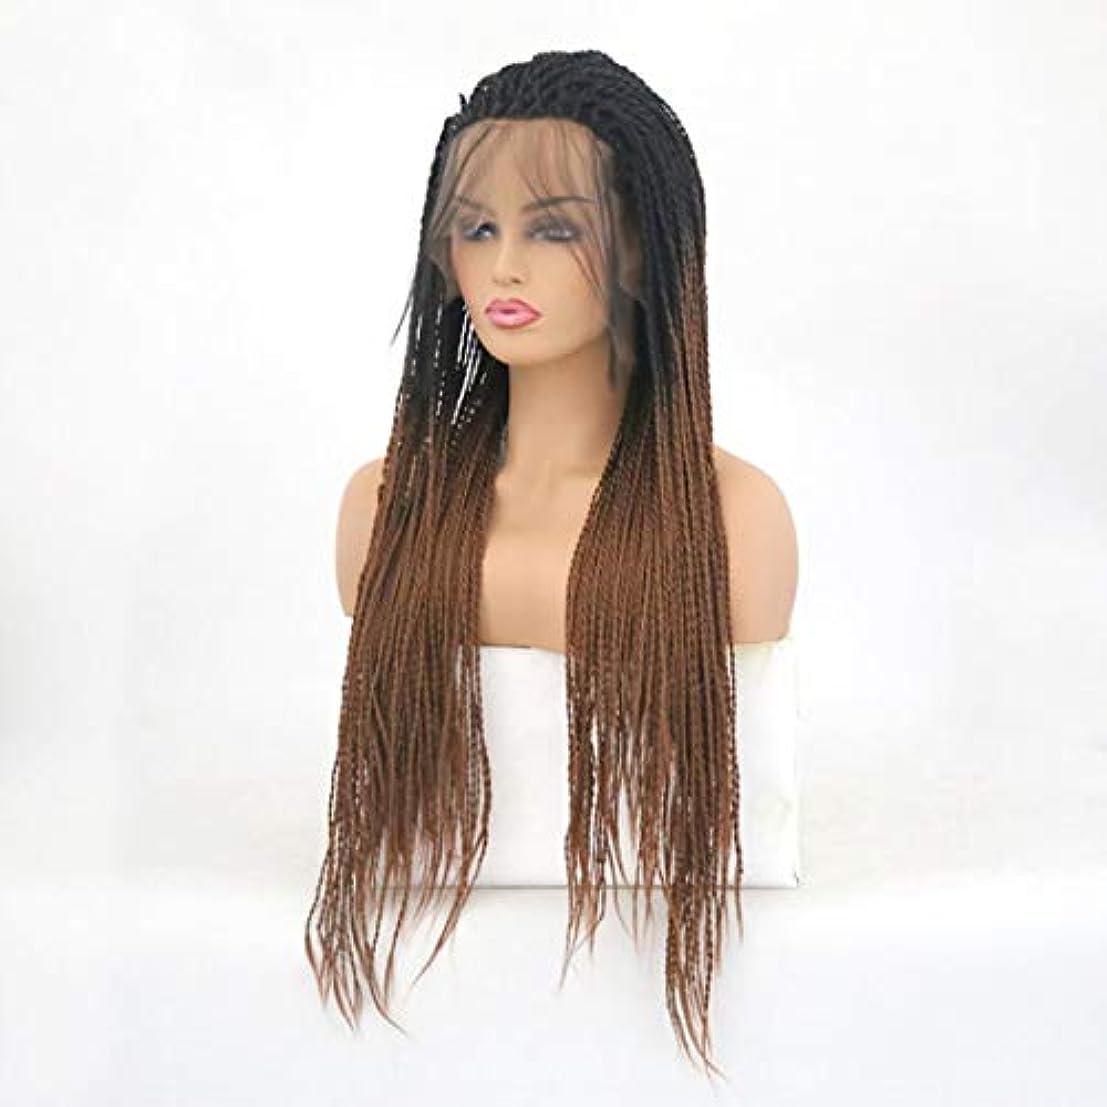 聖域アダルト一見Kerwinner ツイストブレイドかぎ針編みブレイドヘアエクステンション事前ループ女性用高温繊維